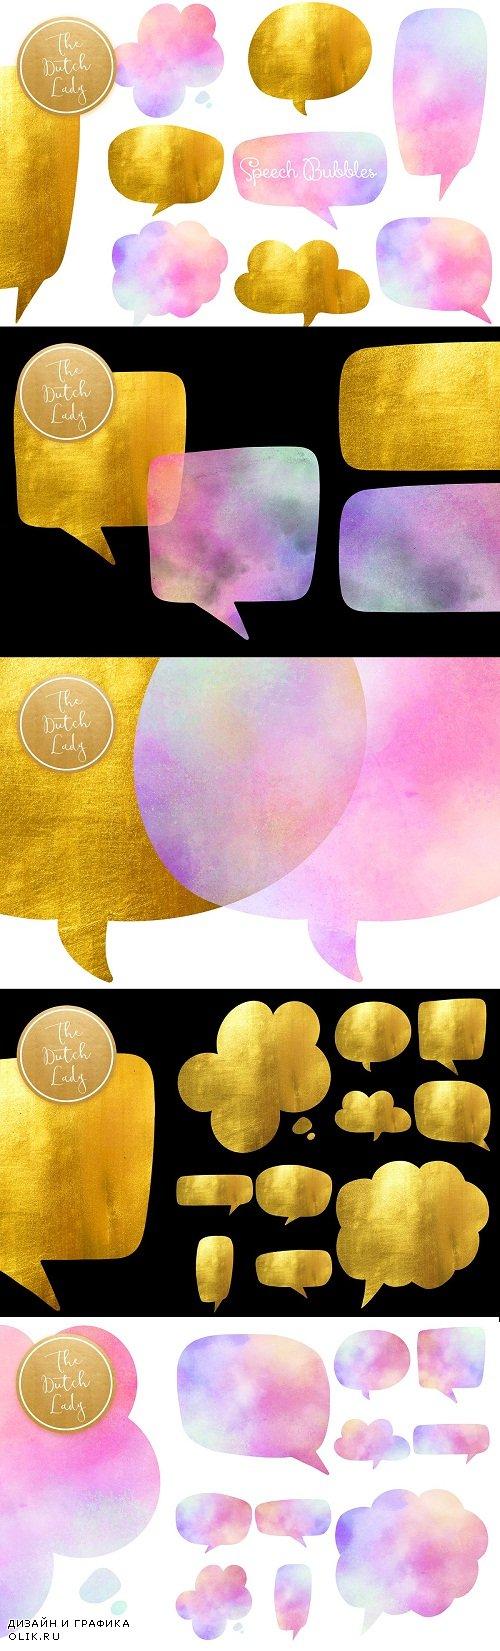 Speech Bubble Clipart Set - 3780810